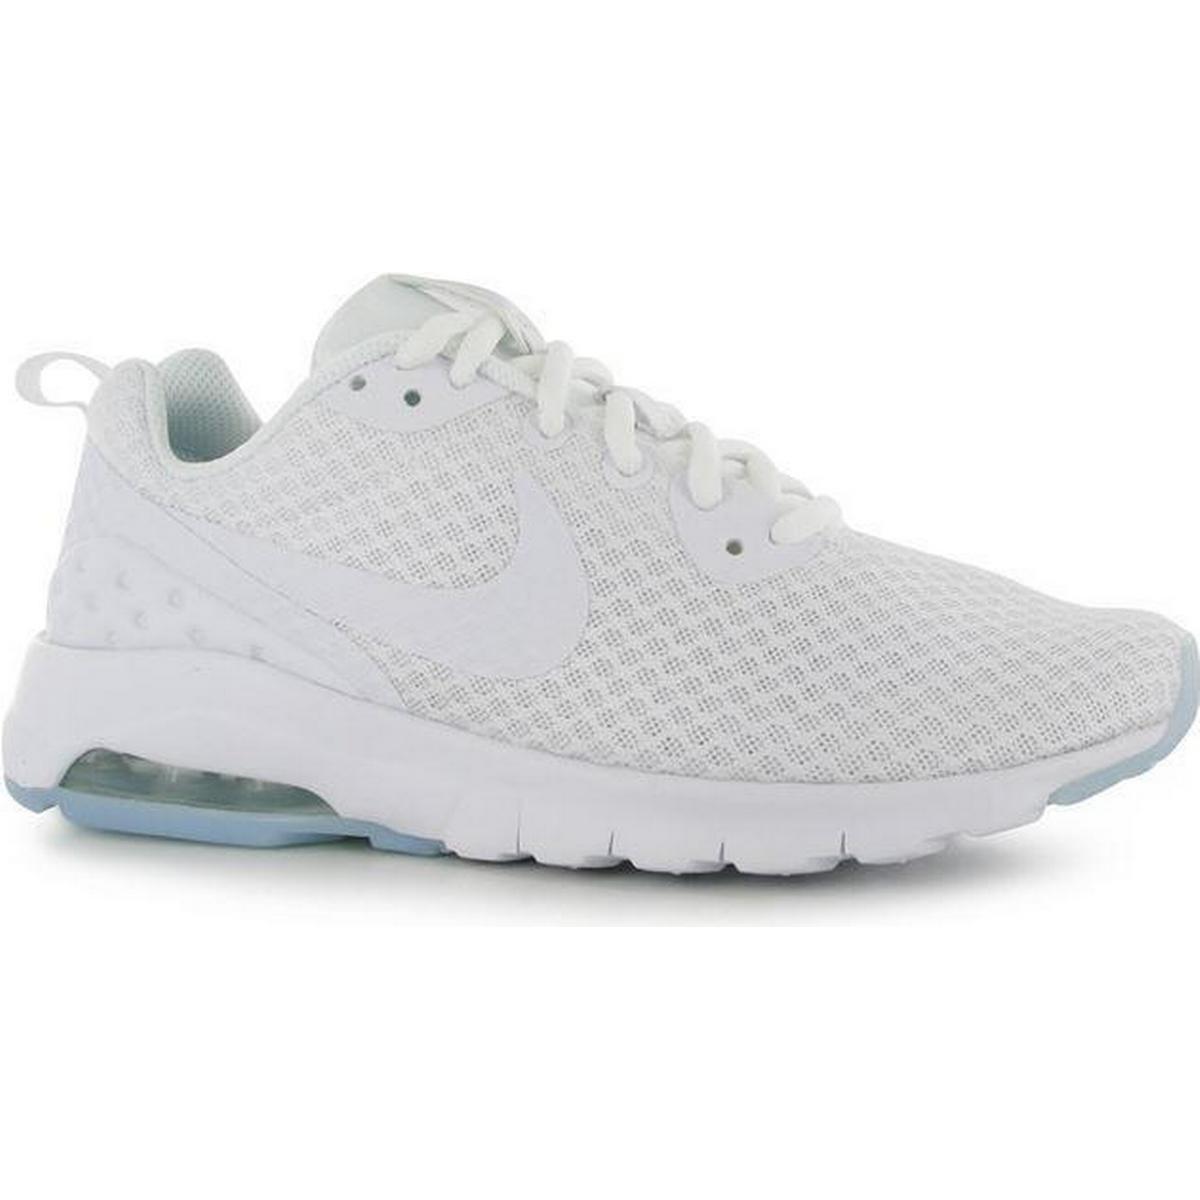 Nike air max motion lw • Hitta det lägsta priset hos